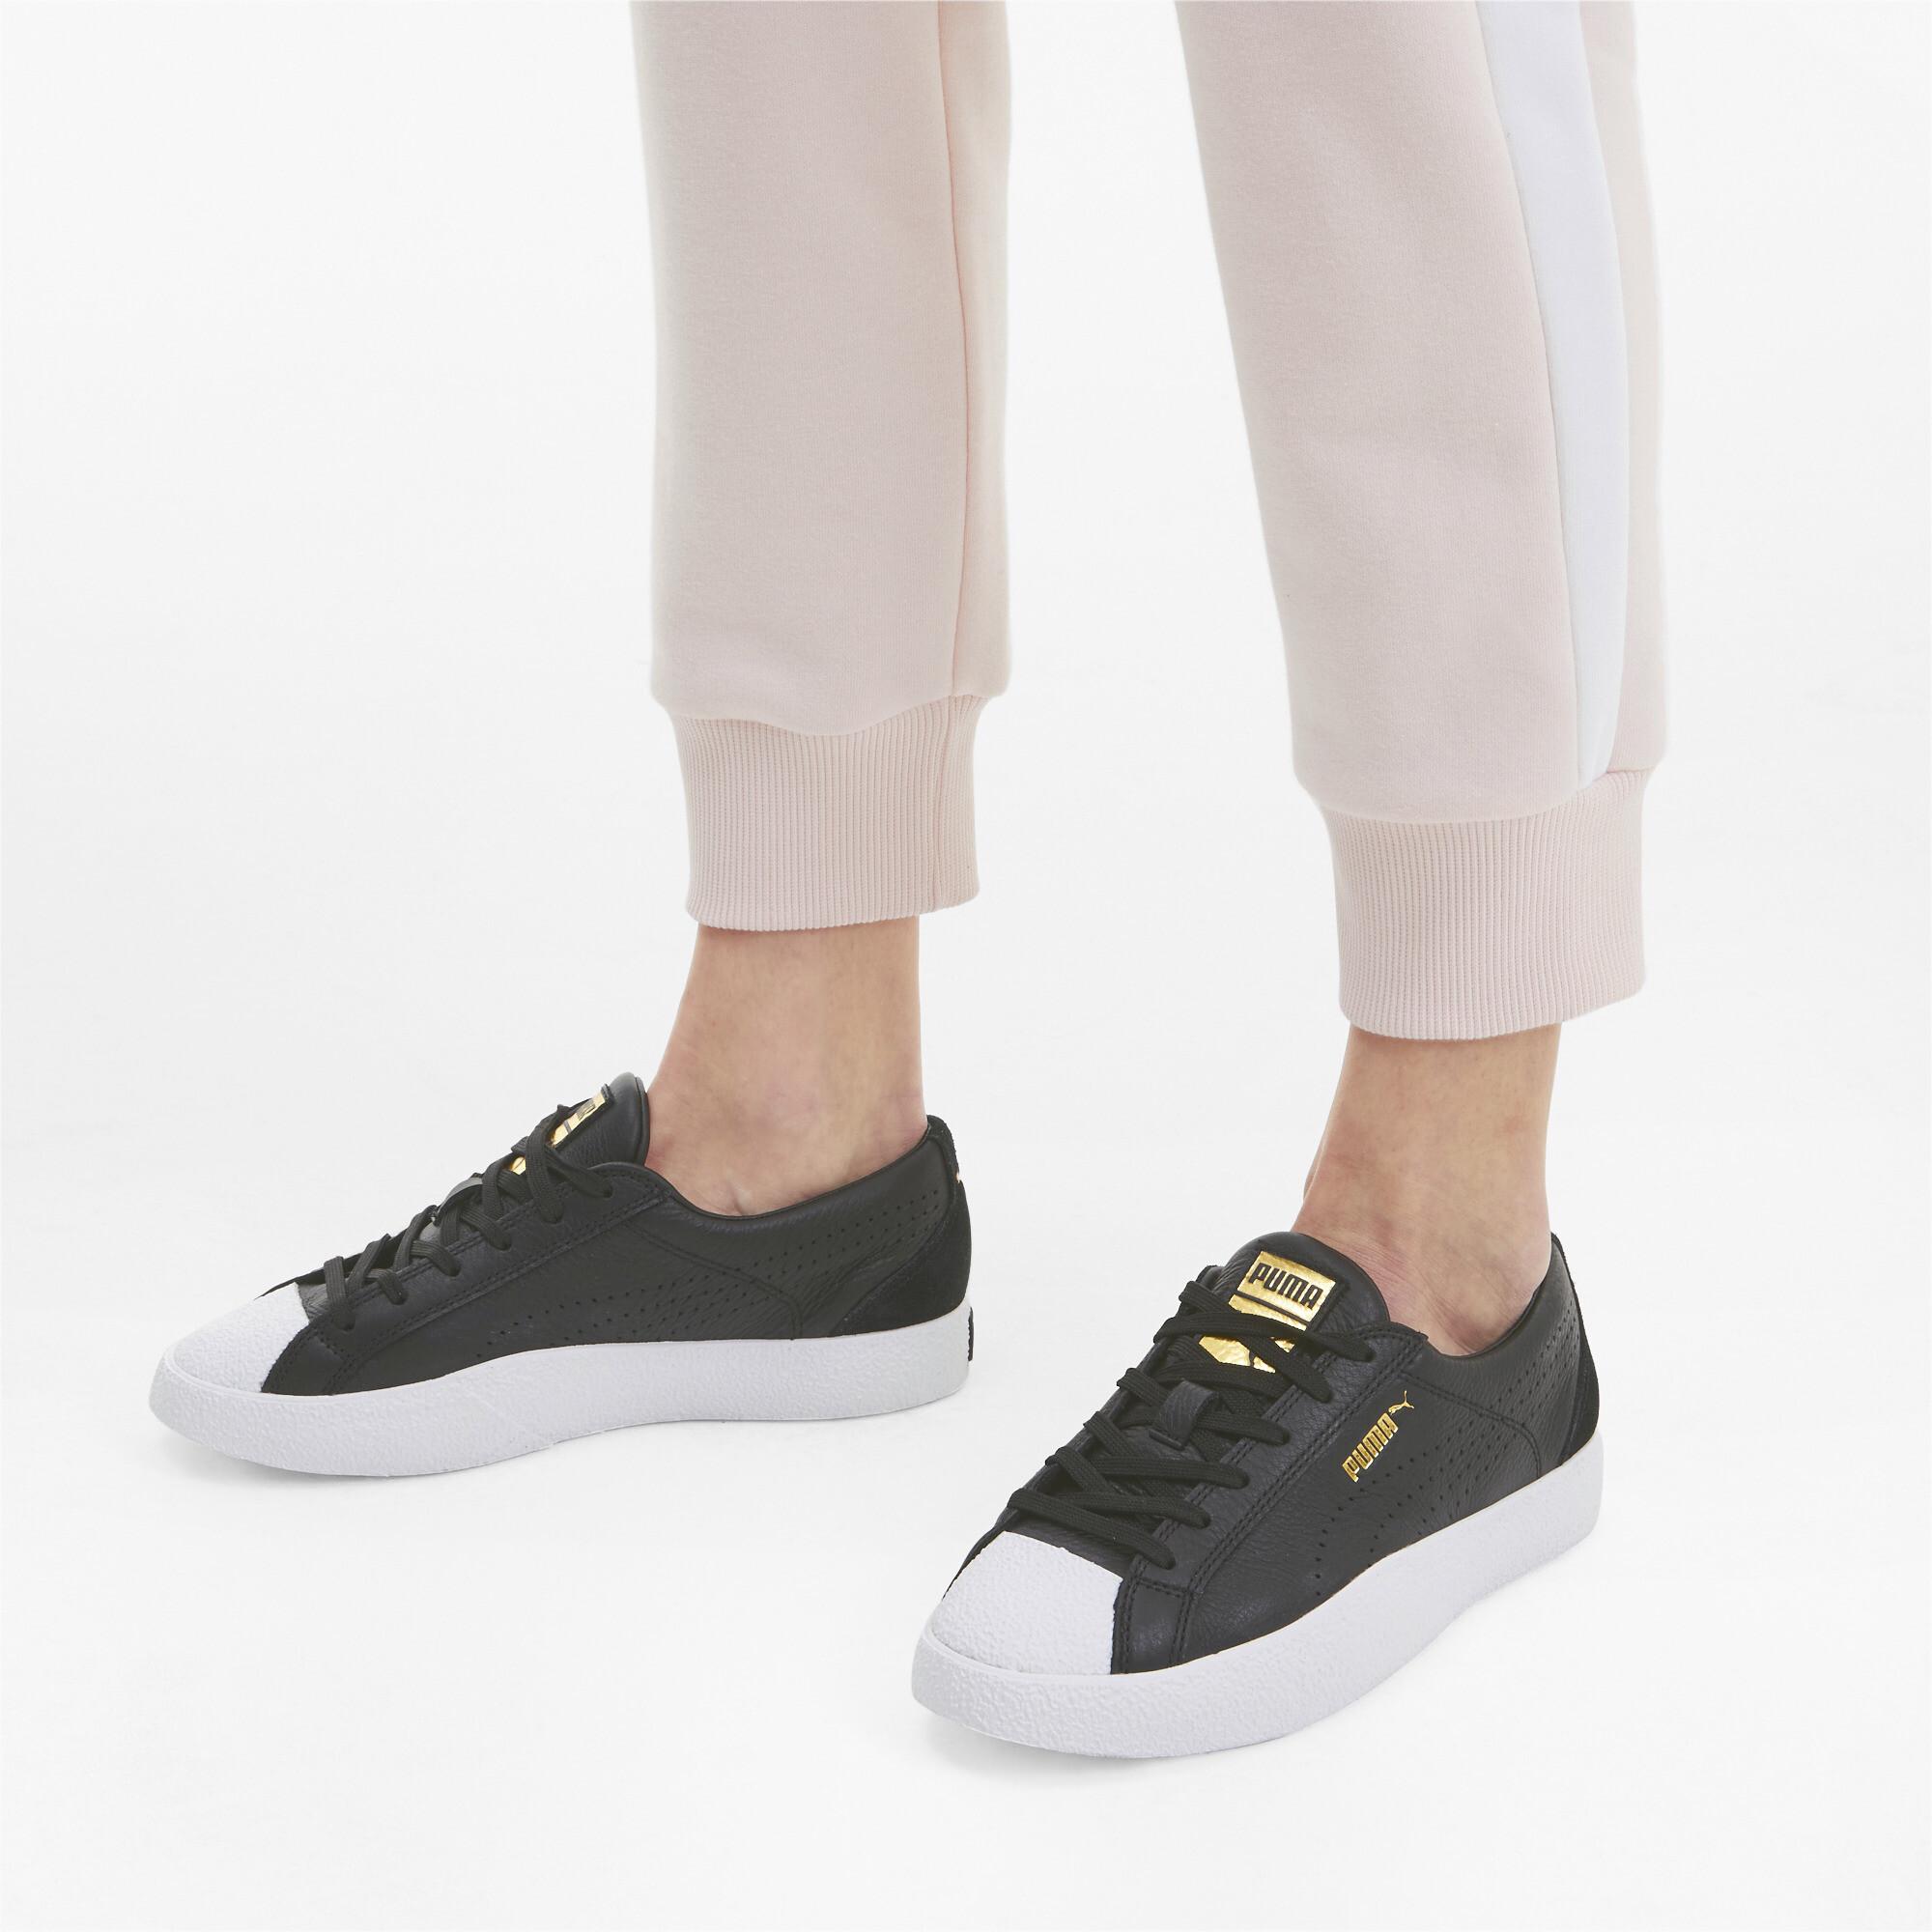 PUMA-Women-039-s-Love-Grand-Slam-Sneakers thumbnail 12